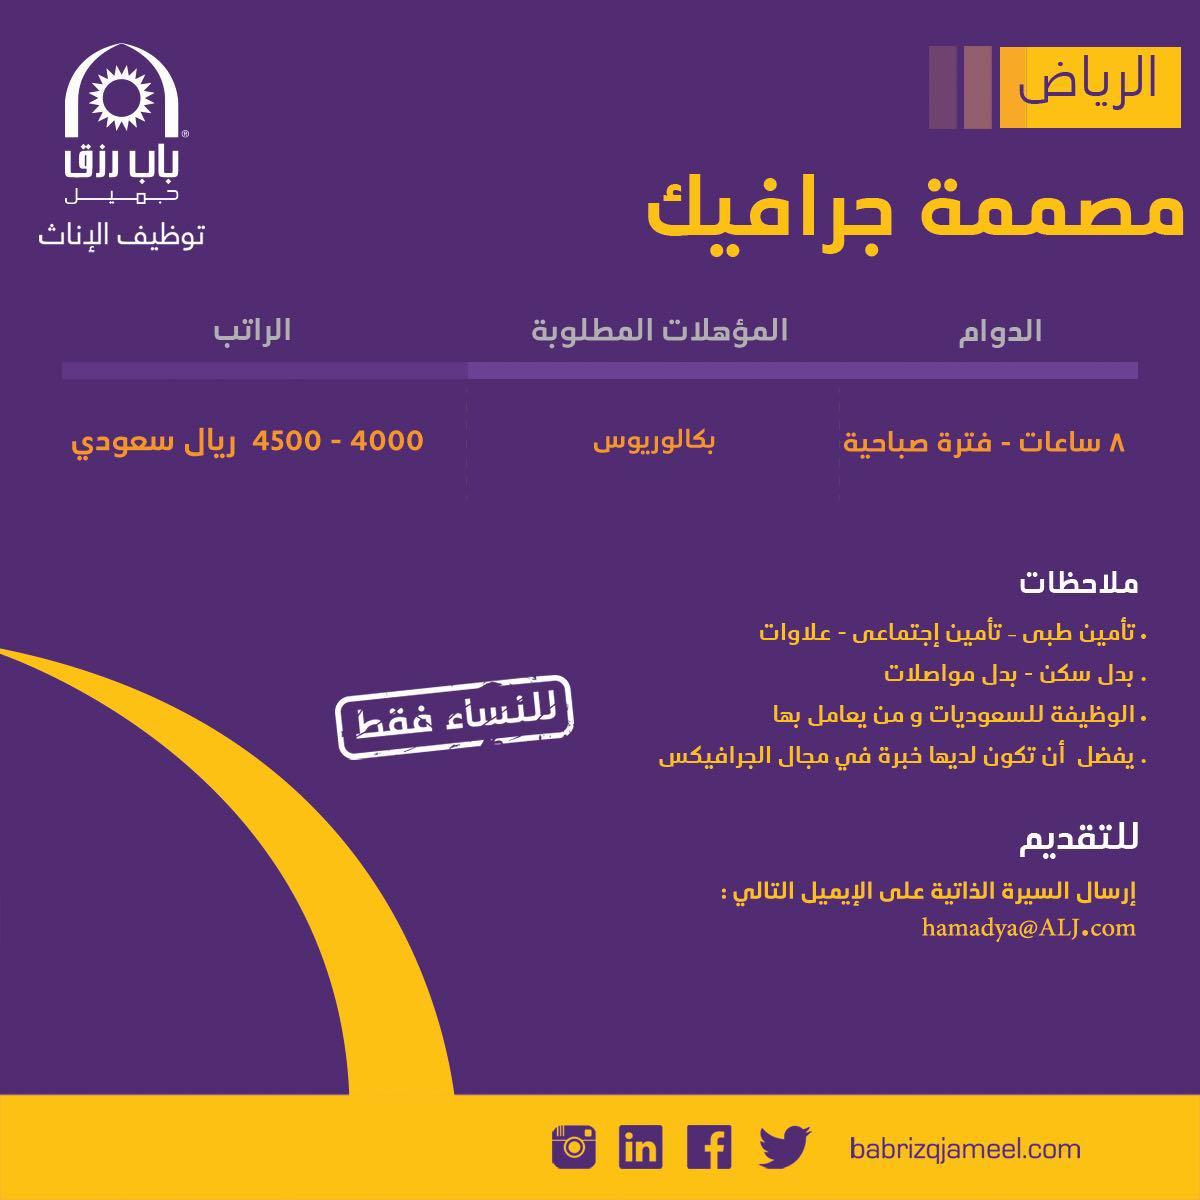 مطلوب مصممة جرافيك - الرياض